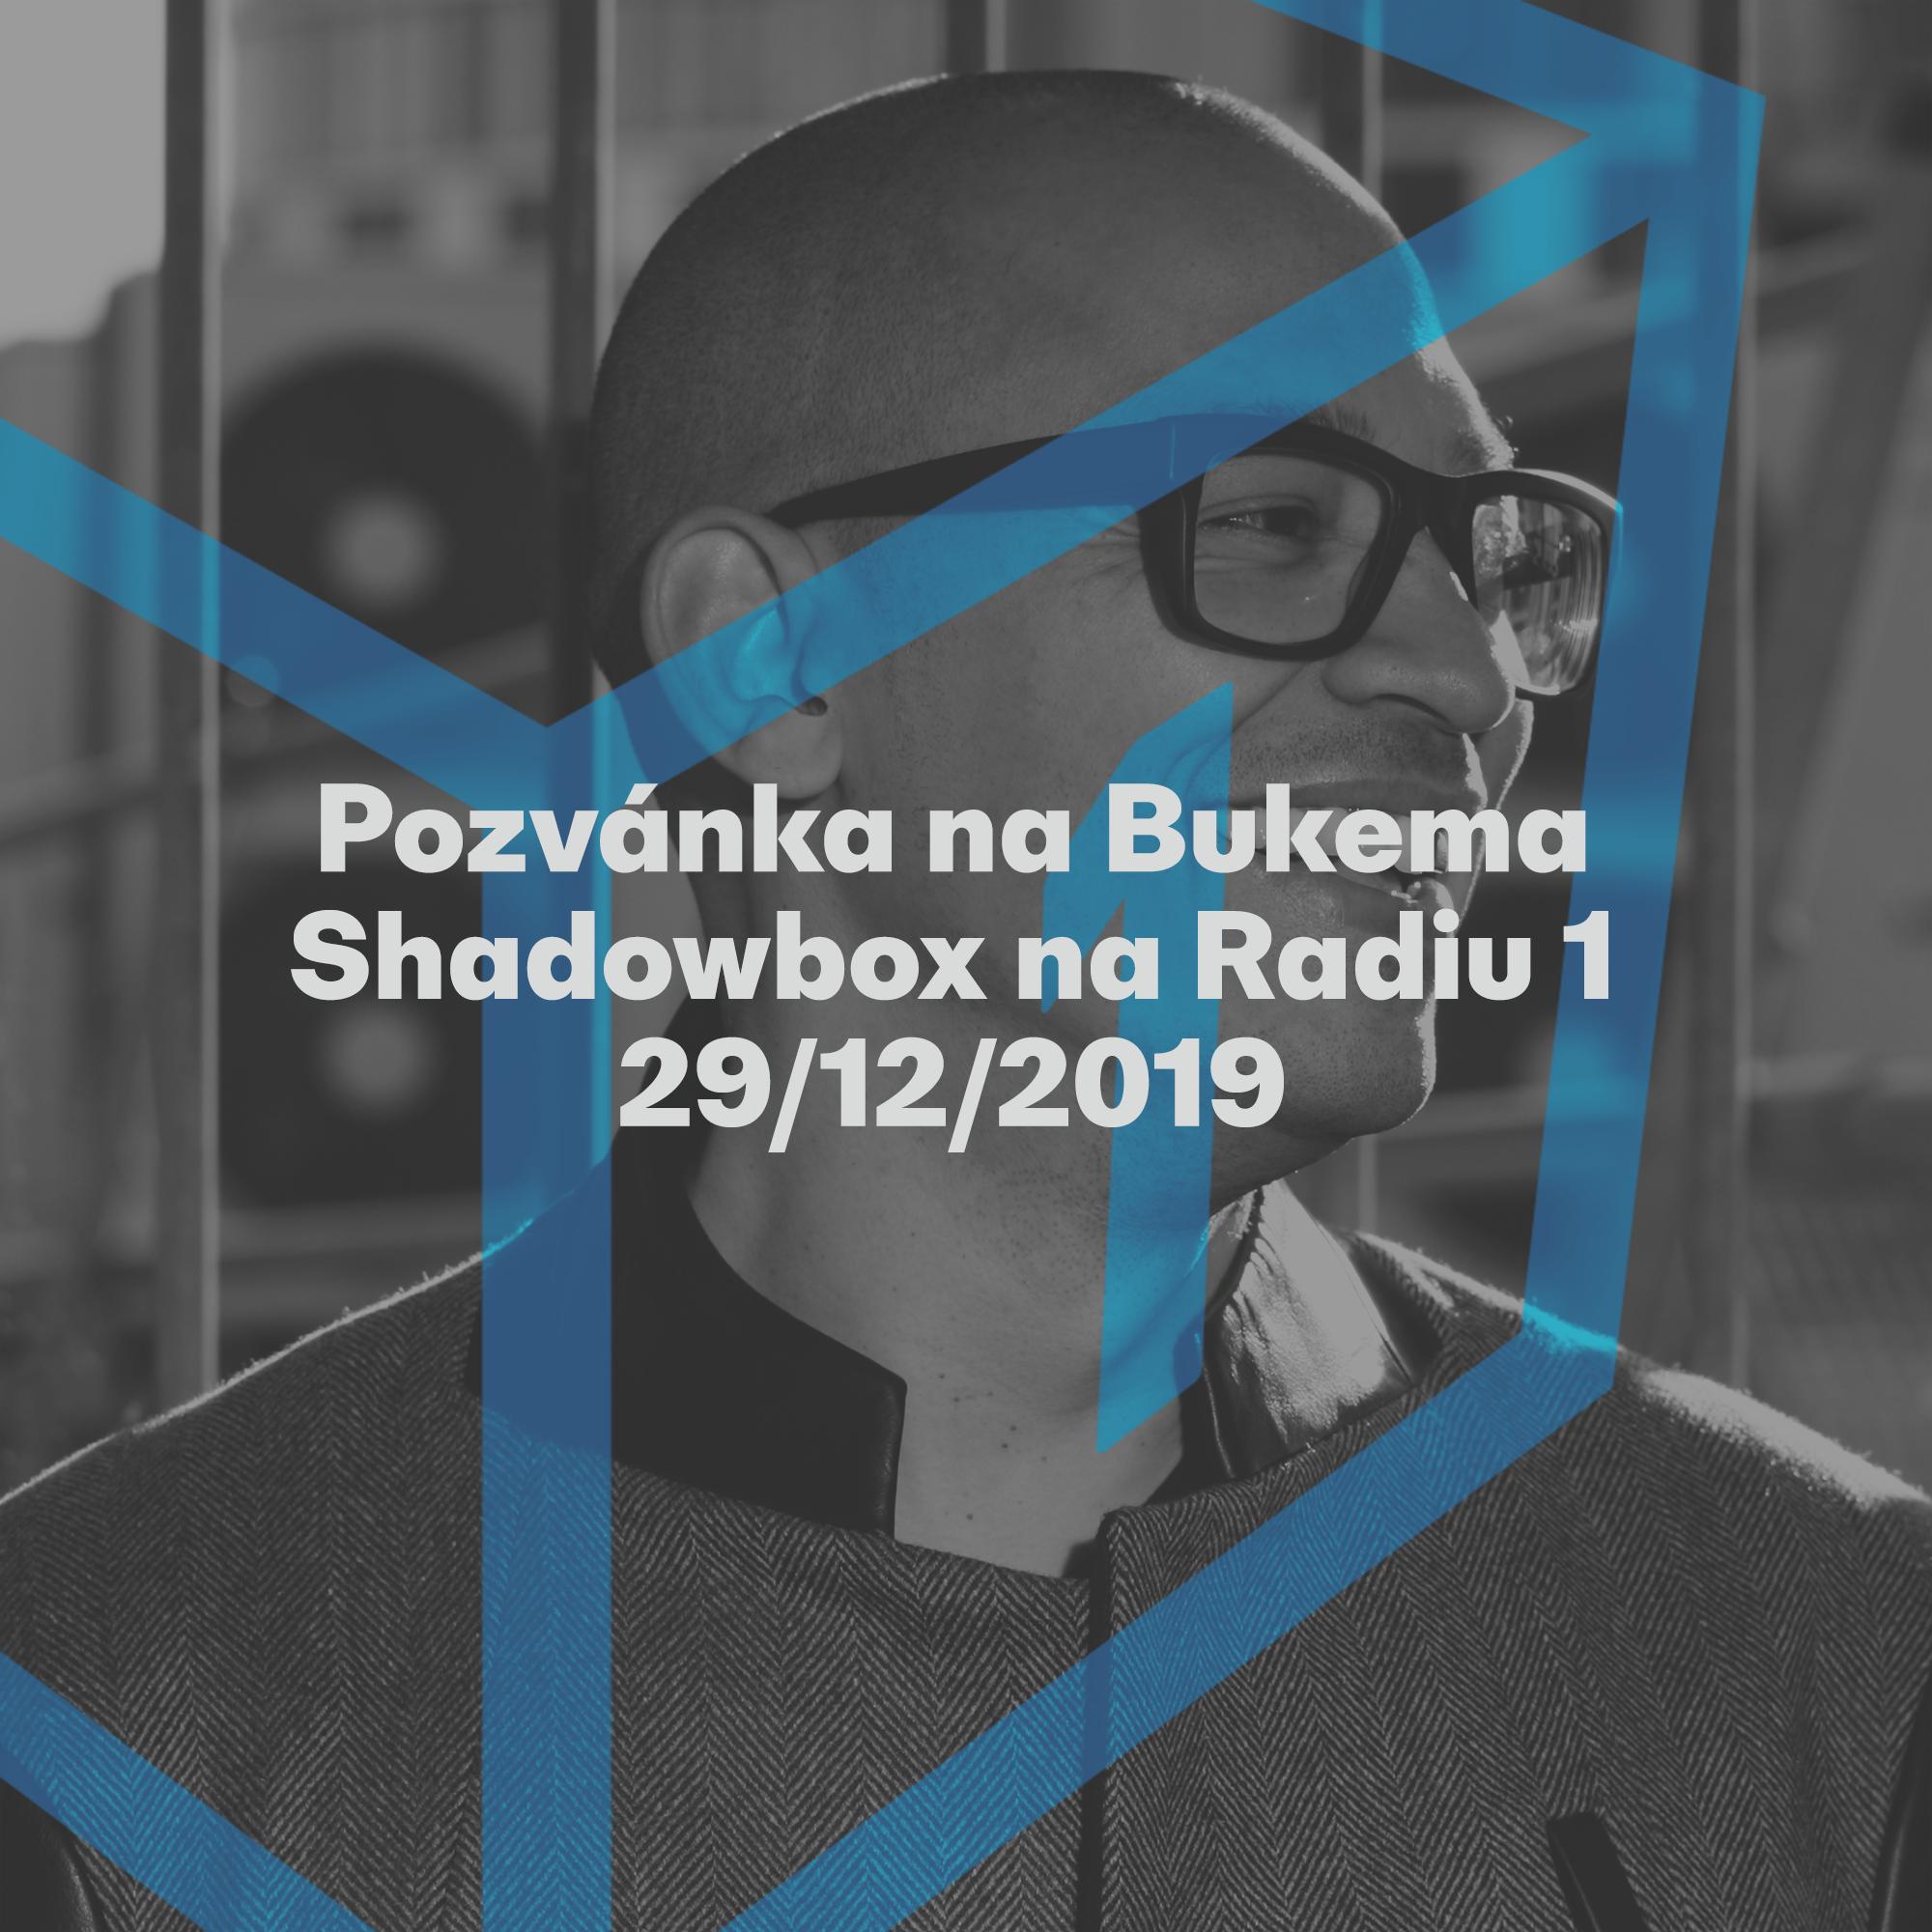 Shadowbox @ Radio 1 29/12/2019: Pozvánka na Bukema